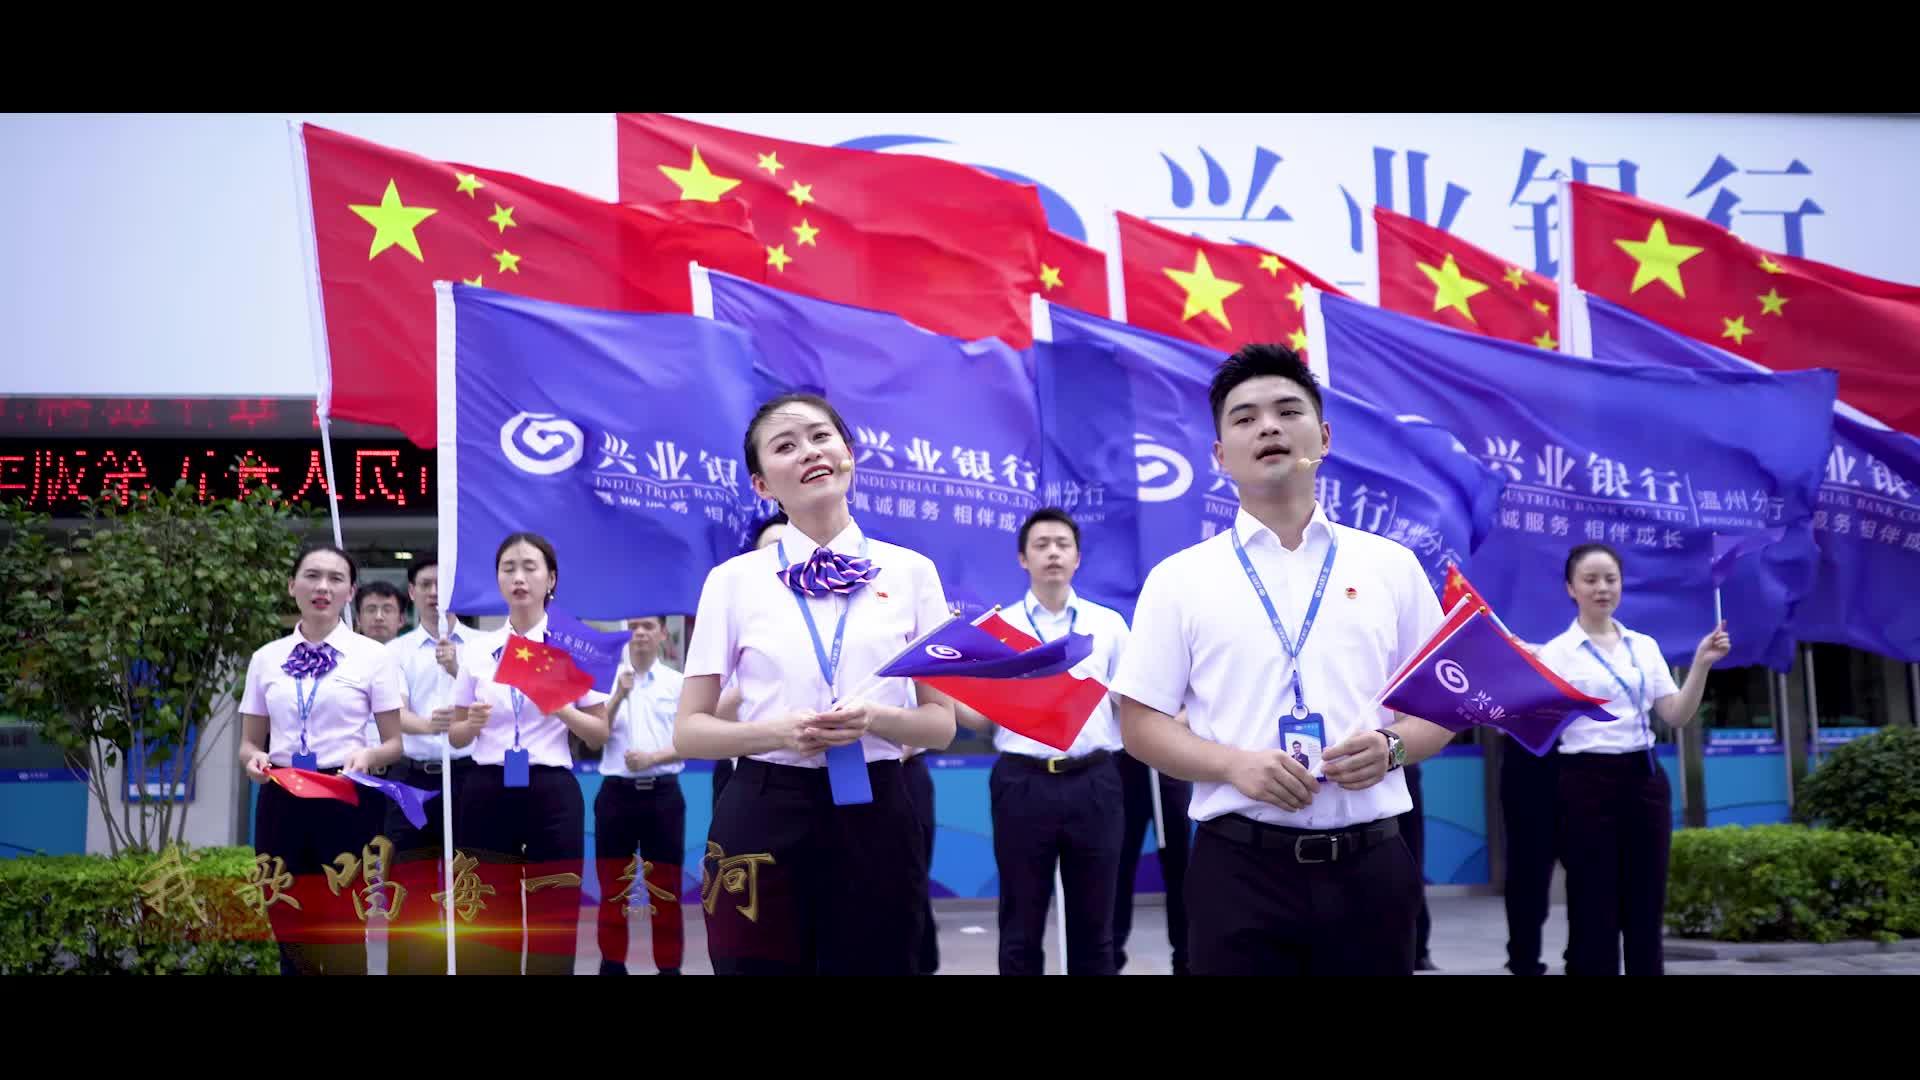 【我们的70年】兴业银行温州分行歌唱祖国献礼新中国70华诞